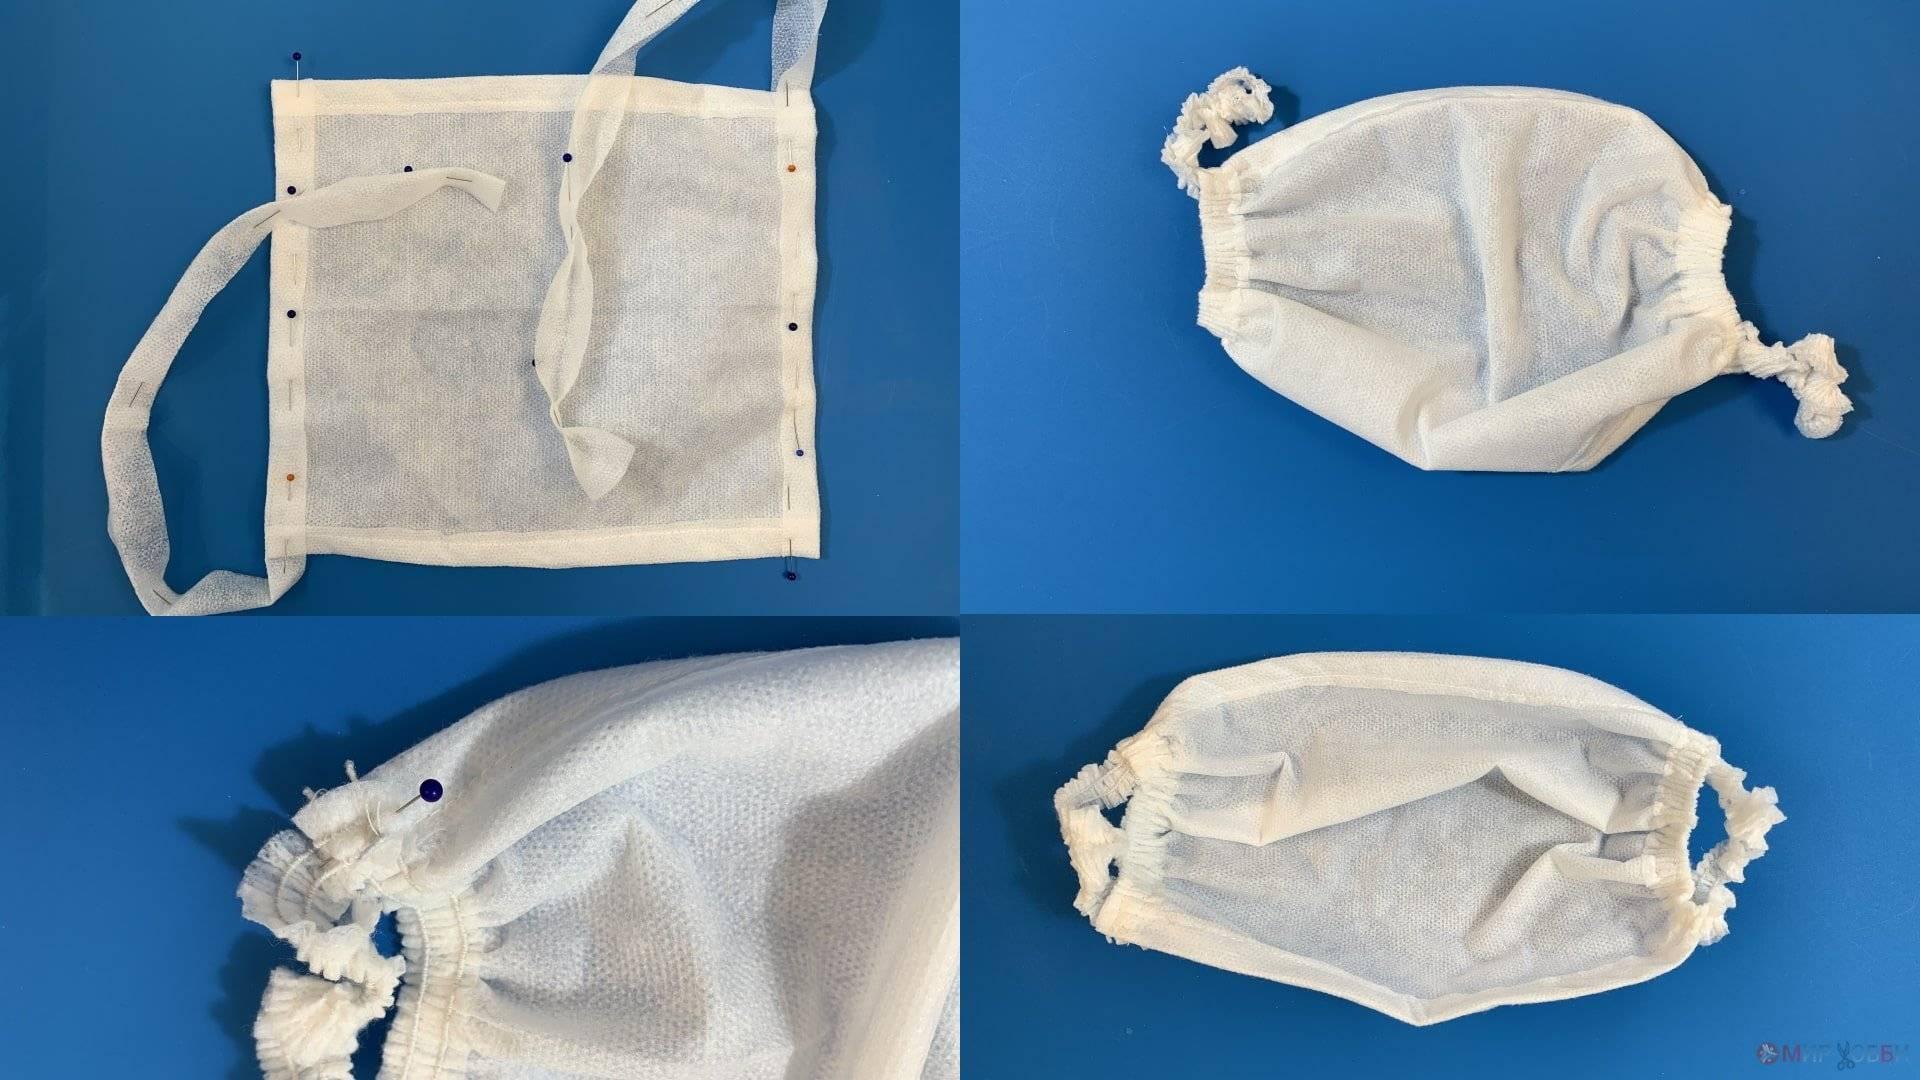 10 вариантов самостоятельного пошива многоразовых защитных масок для лица от вирусов и бактерий